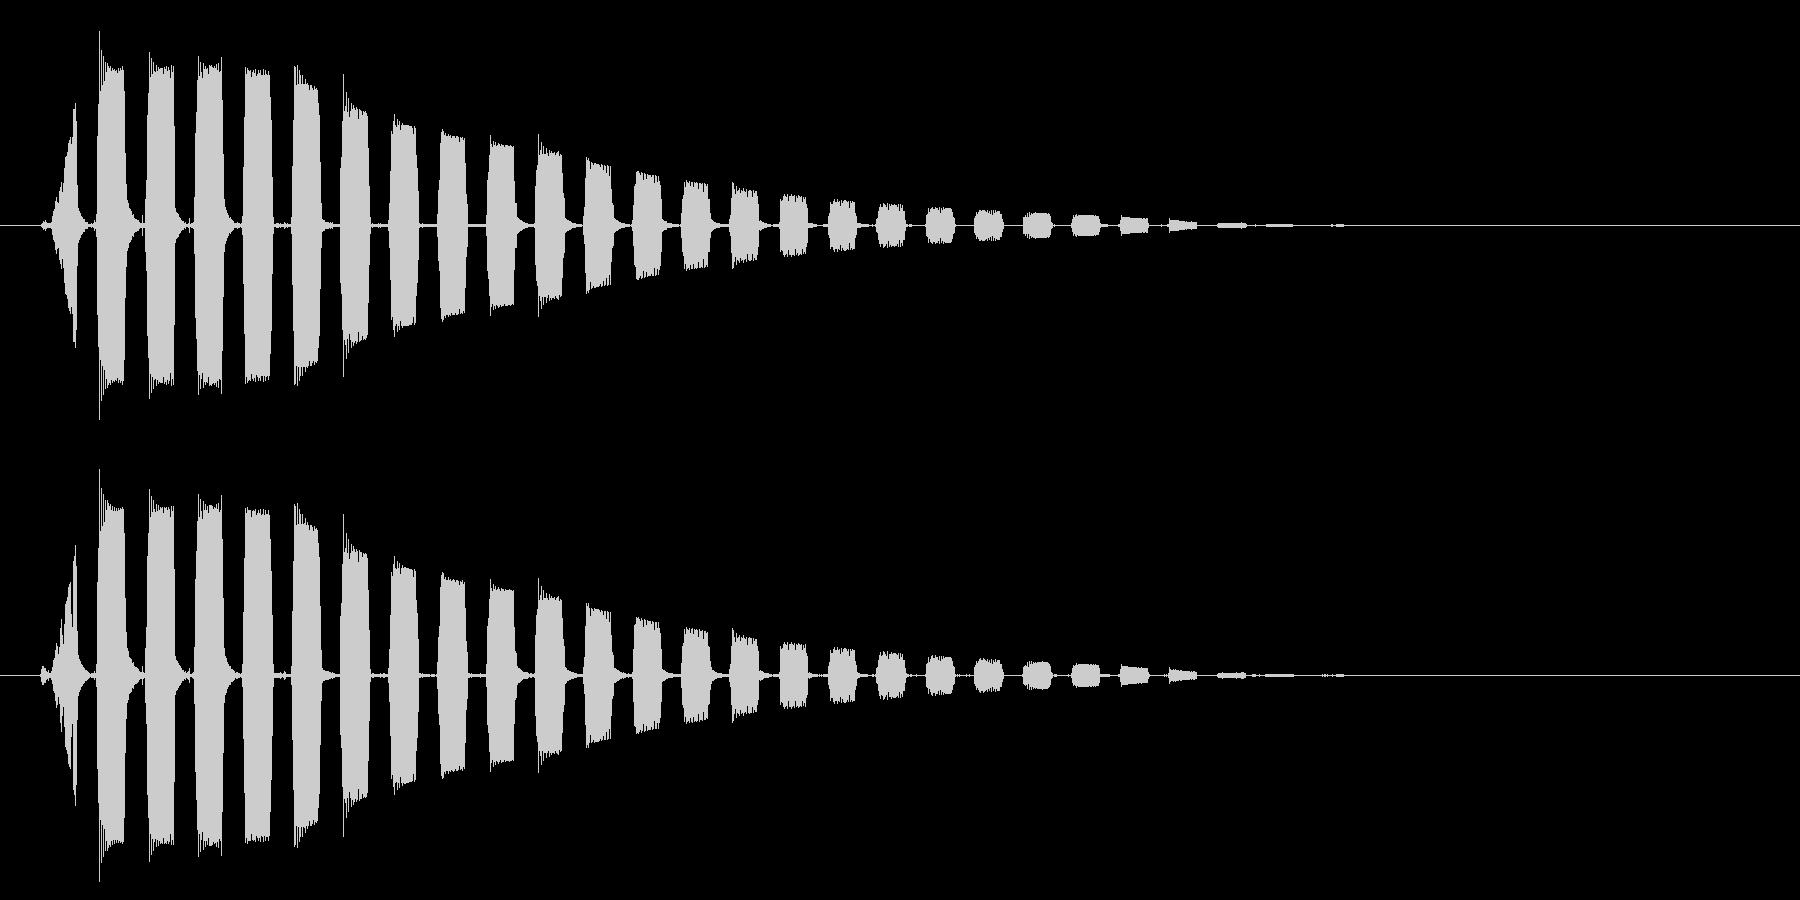 ビョーン↑(音が高めの跳ねる音)の未再生の波形